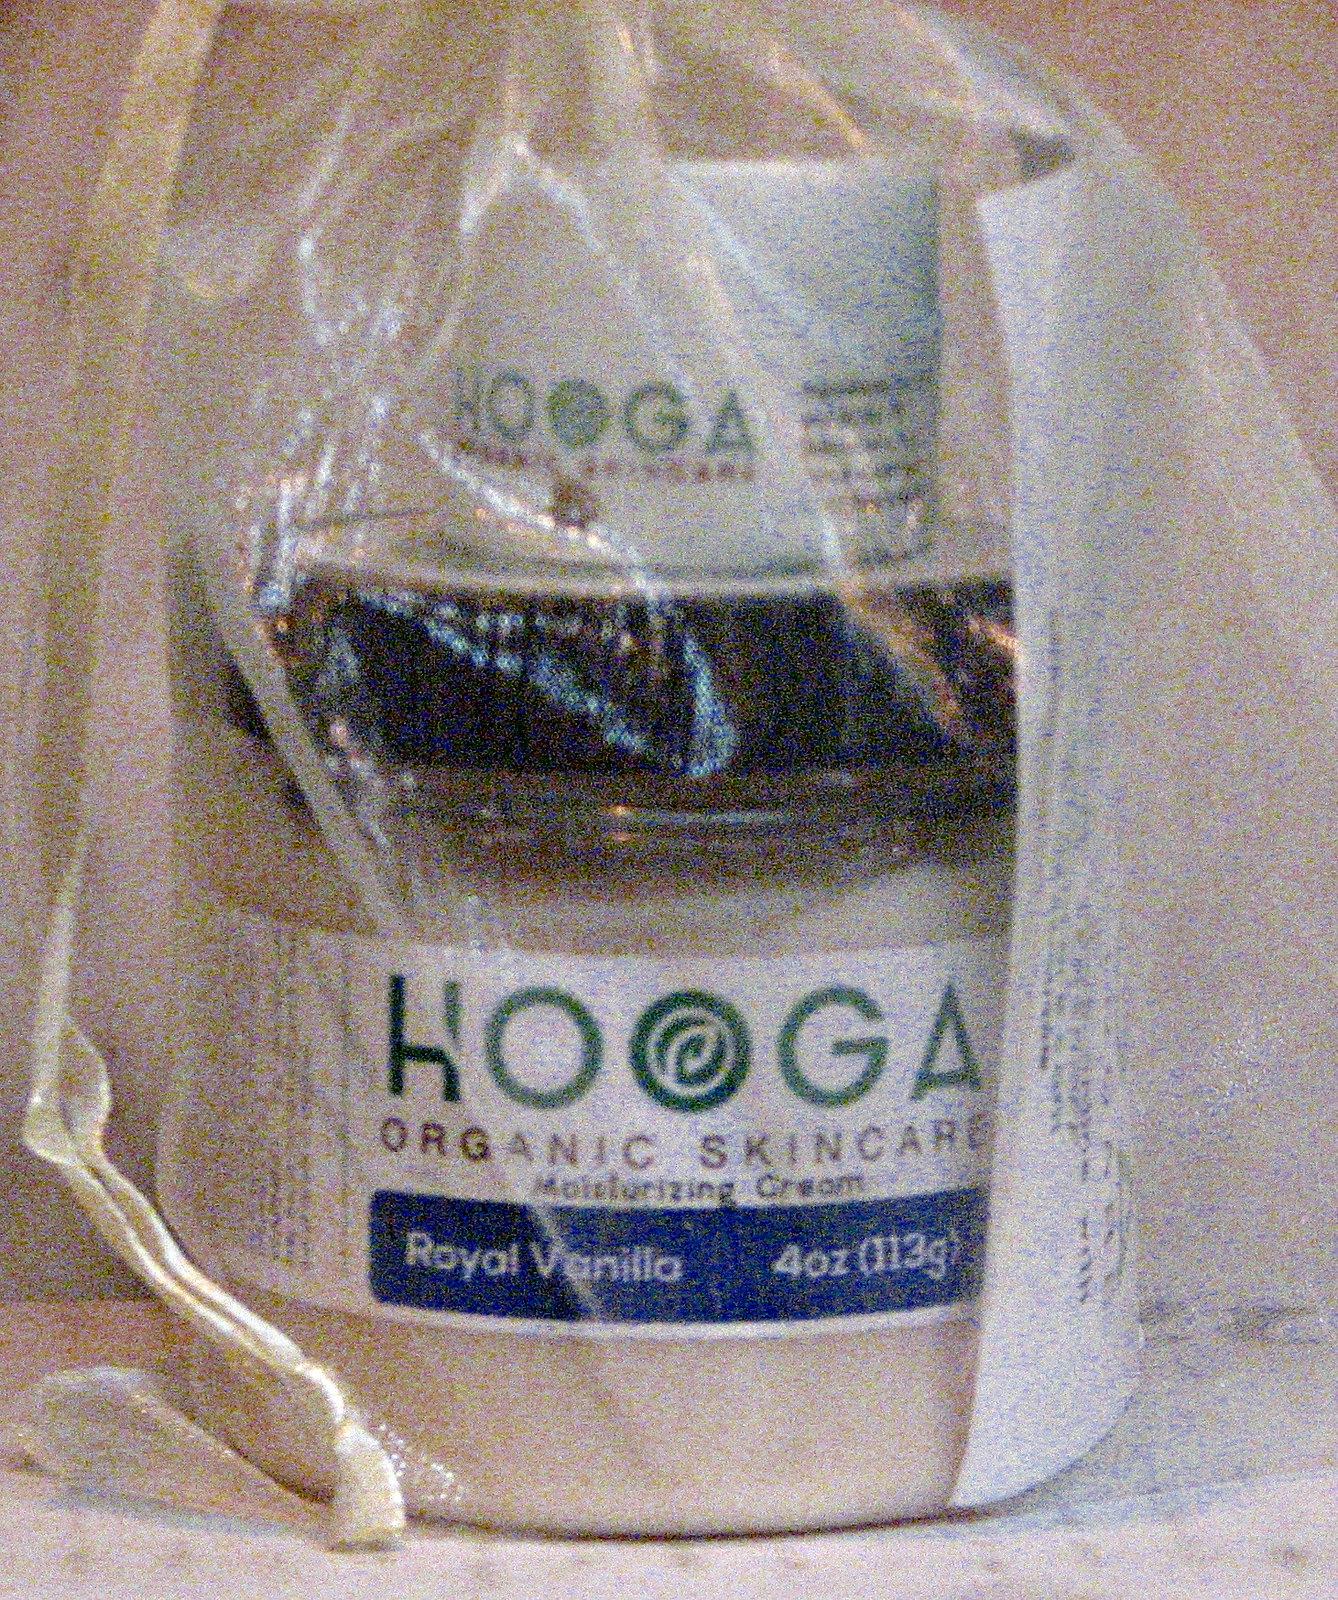 Hooga